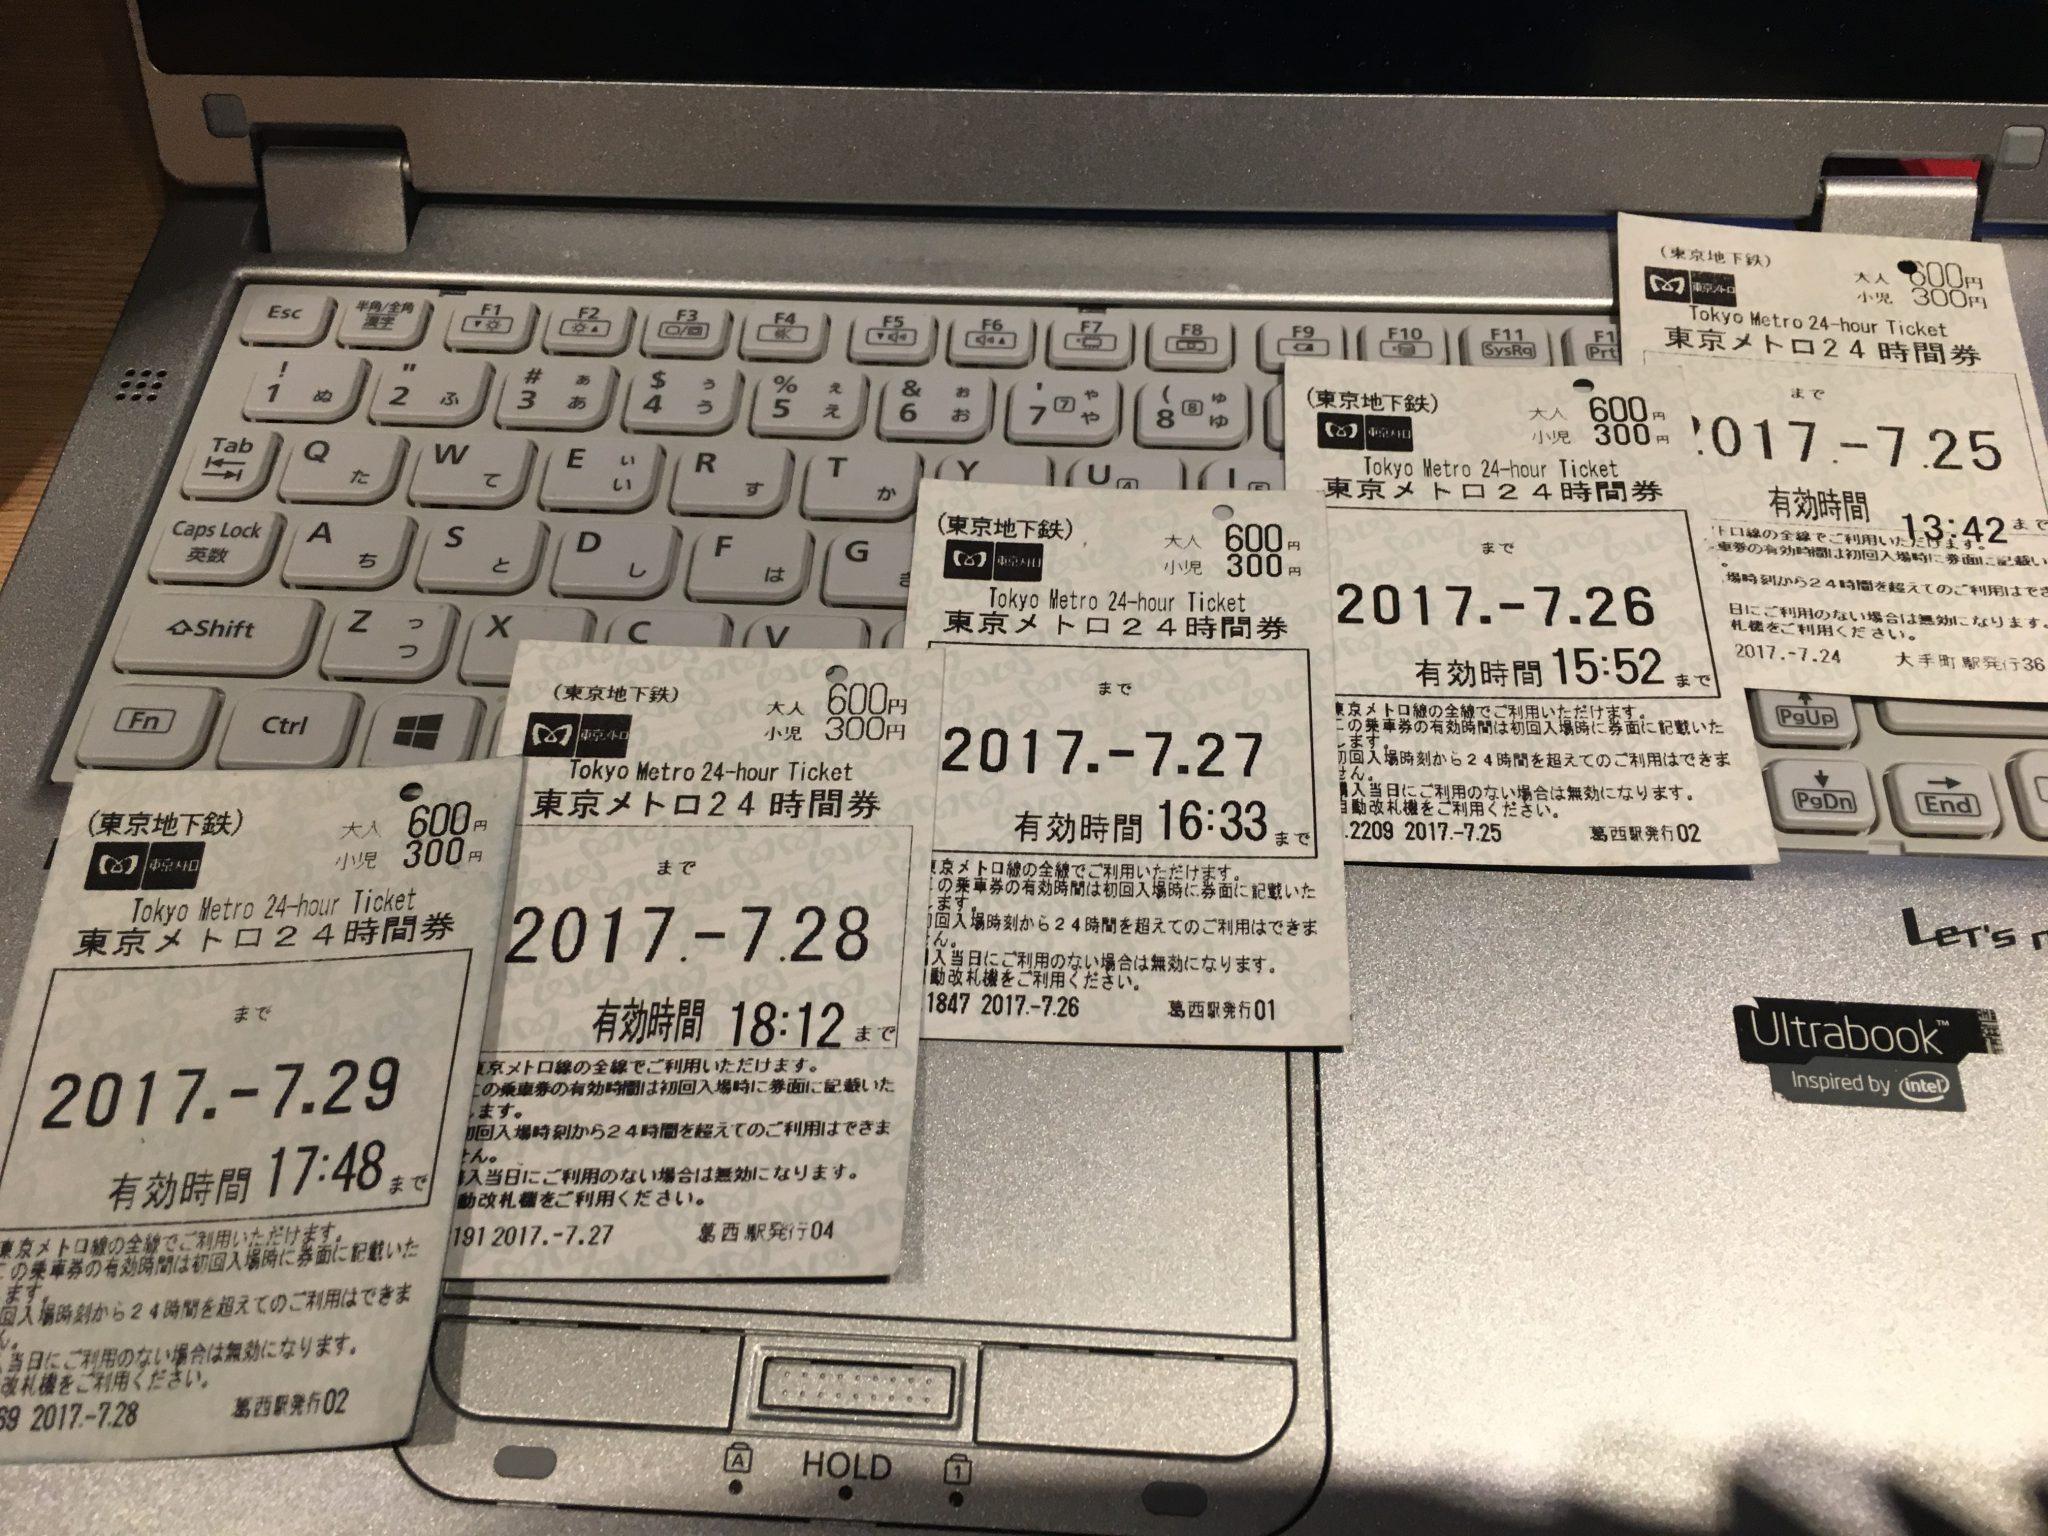 東京メトロの便利な乗車券・定期券 24時間券の他にもあった ...